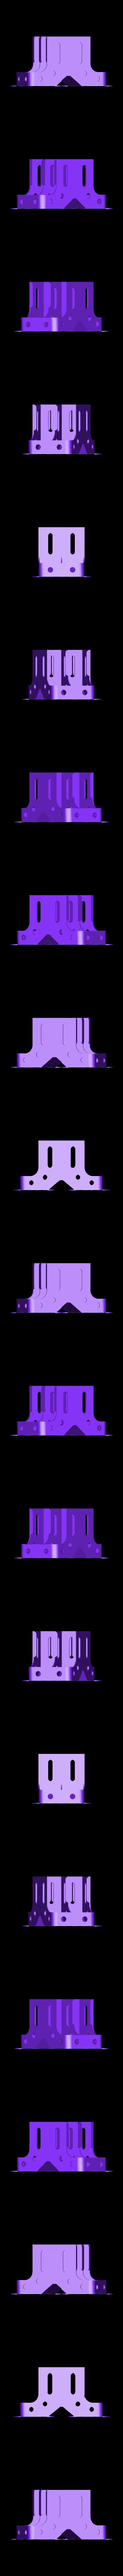 Support dosette nespresso x4.STL Download free STL file Nespresso capsules dispenser • 3D printable model, LLH